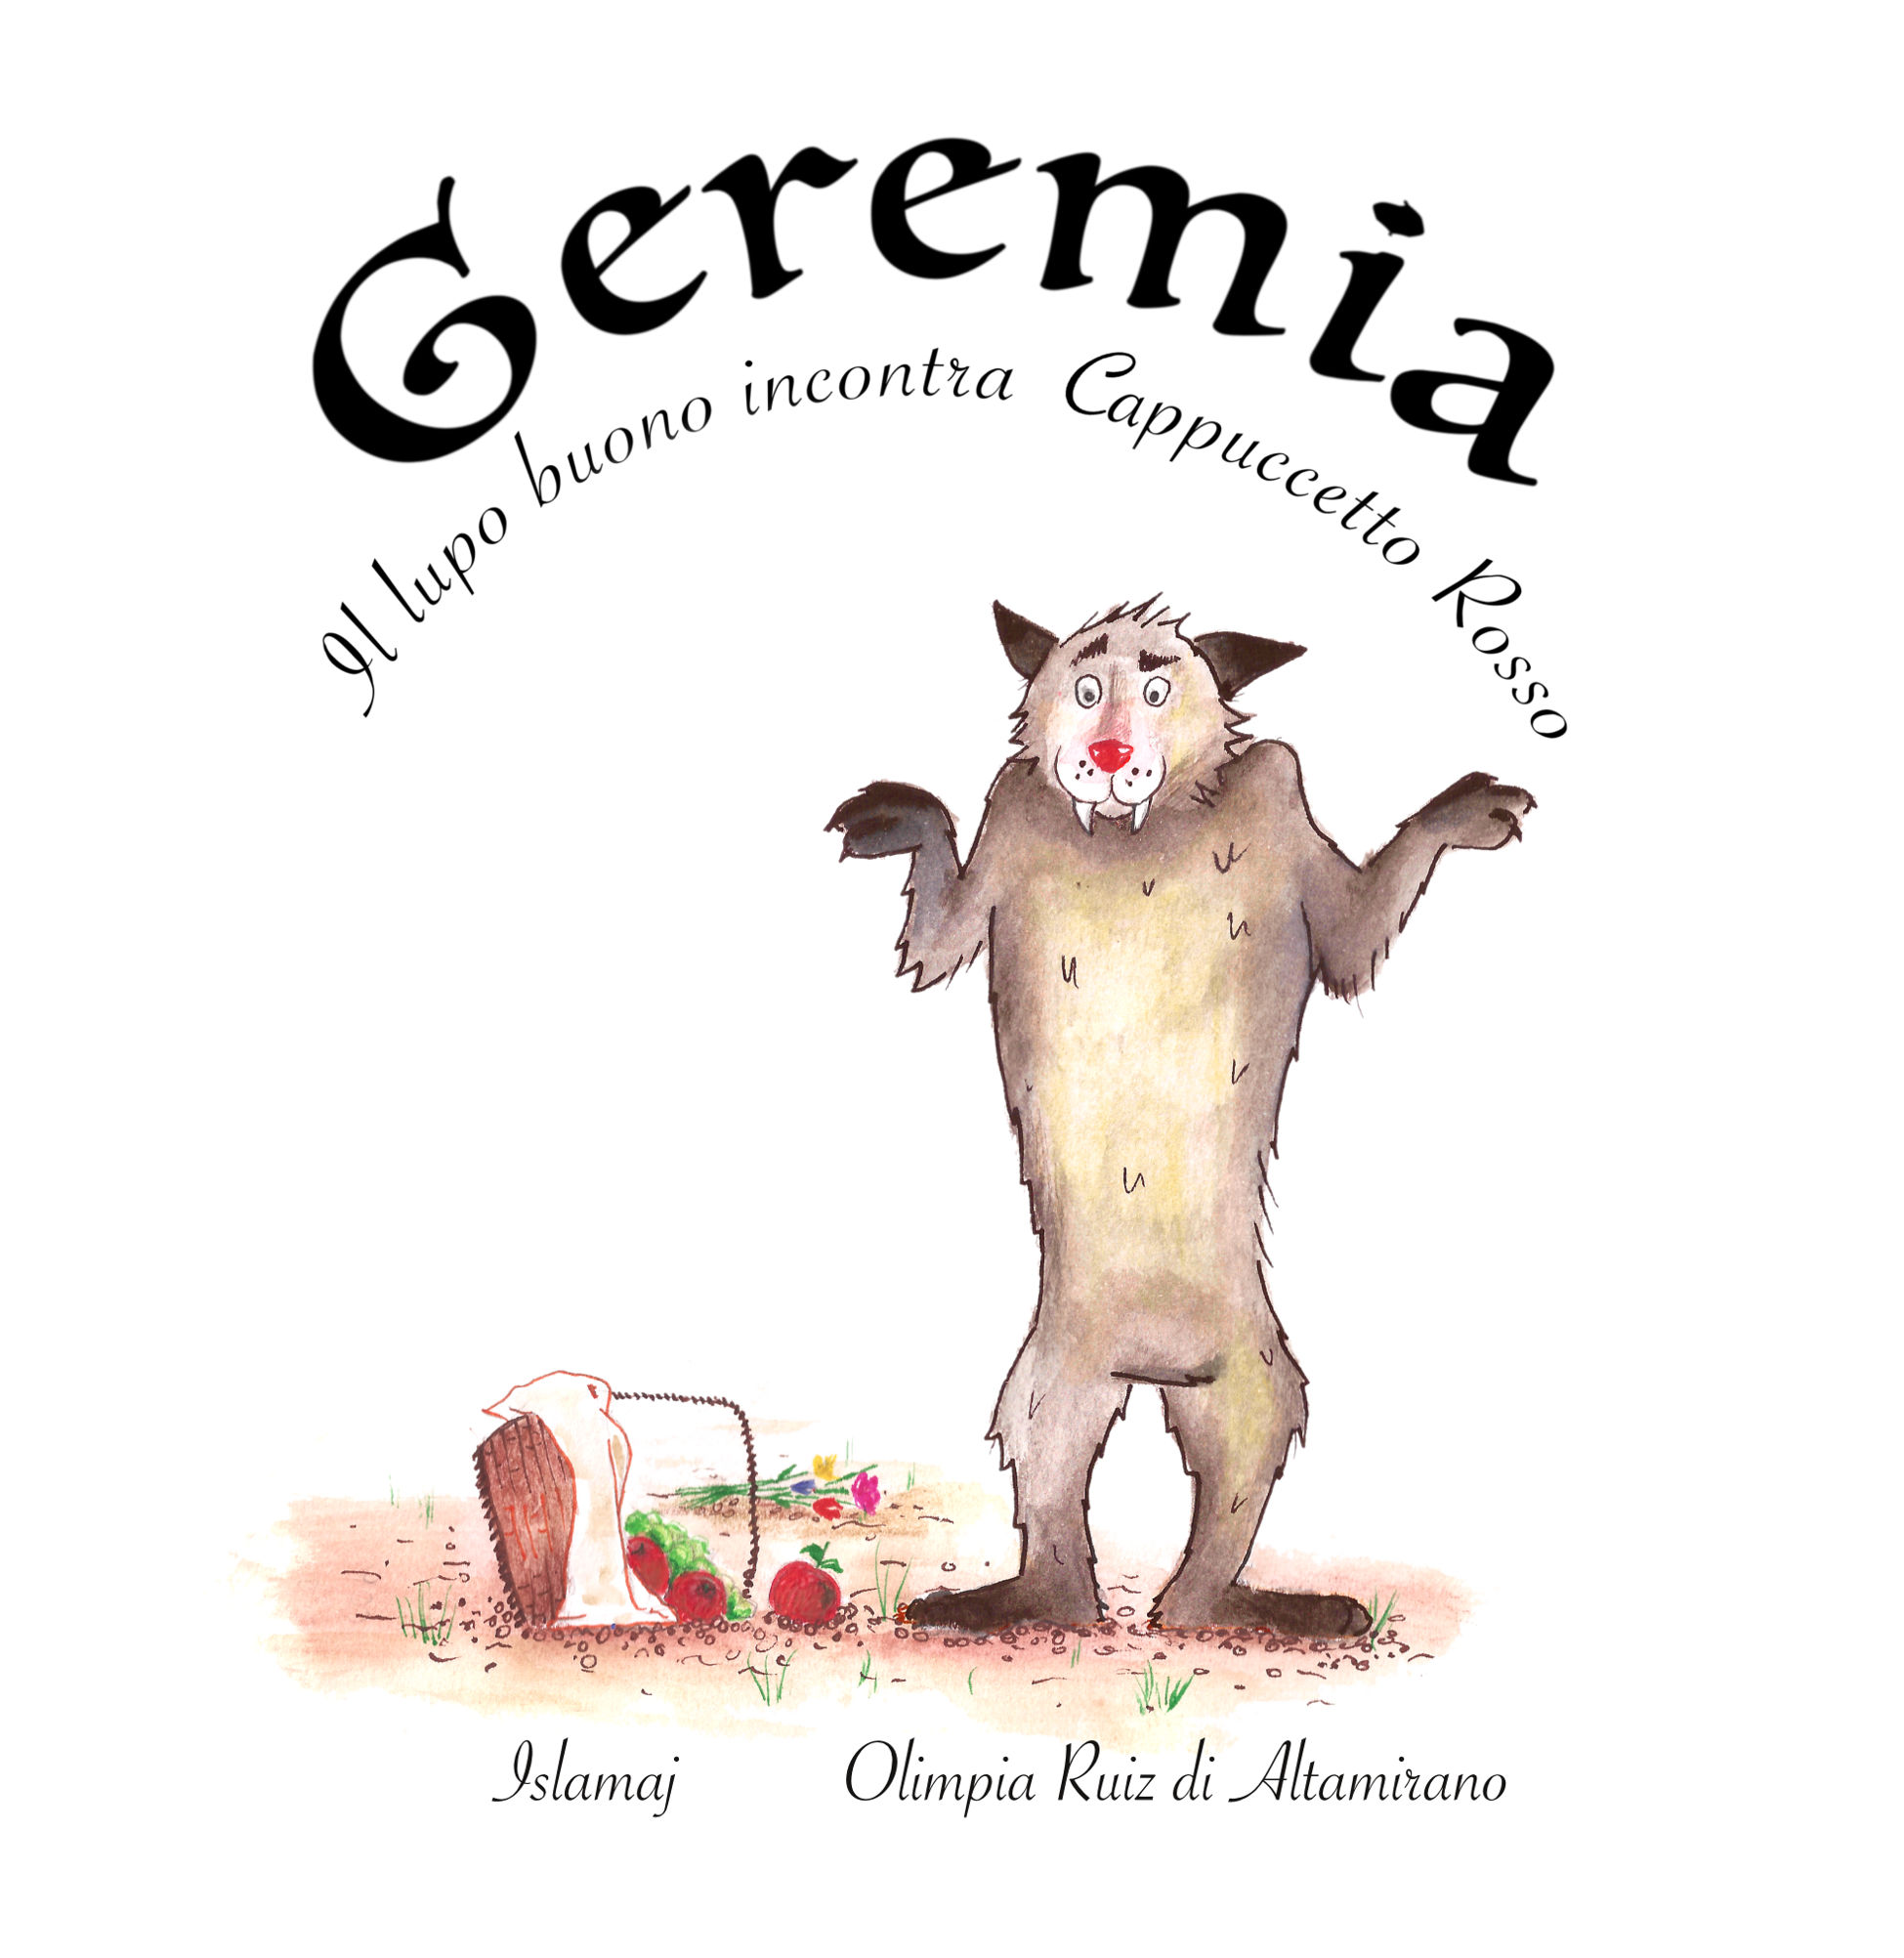 Geremia, il lupo buono, incontra Cappuccetto Rosso - Libro per bambini